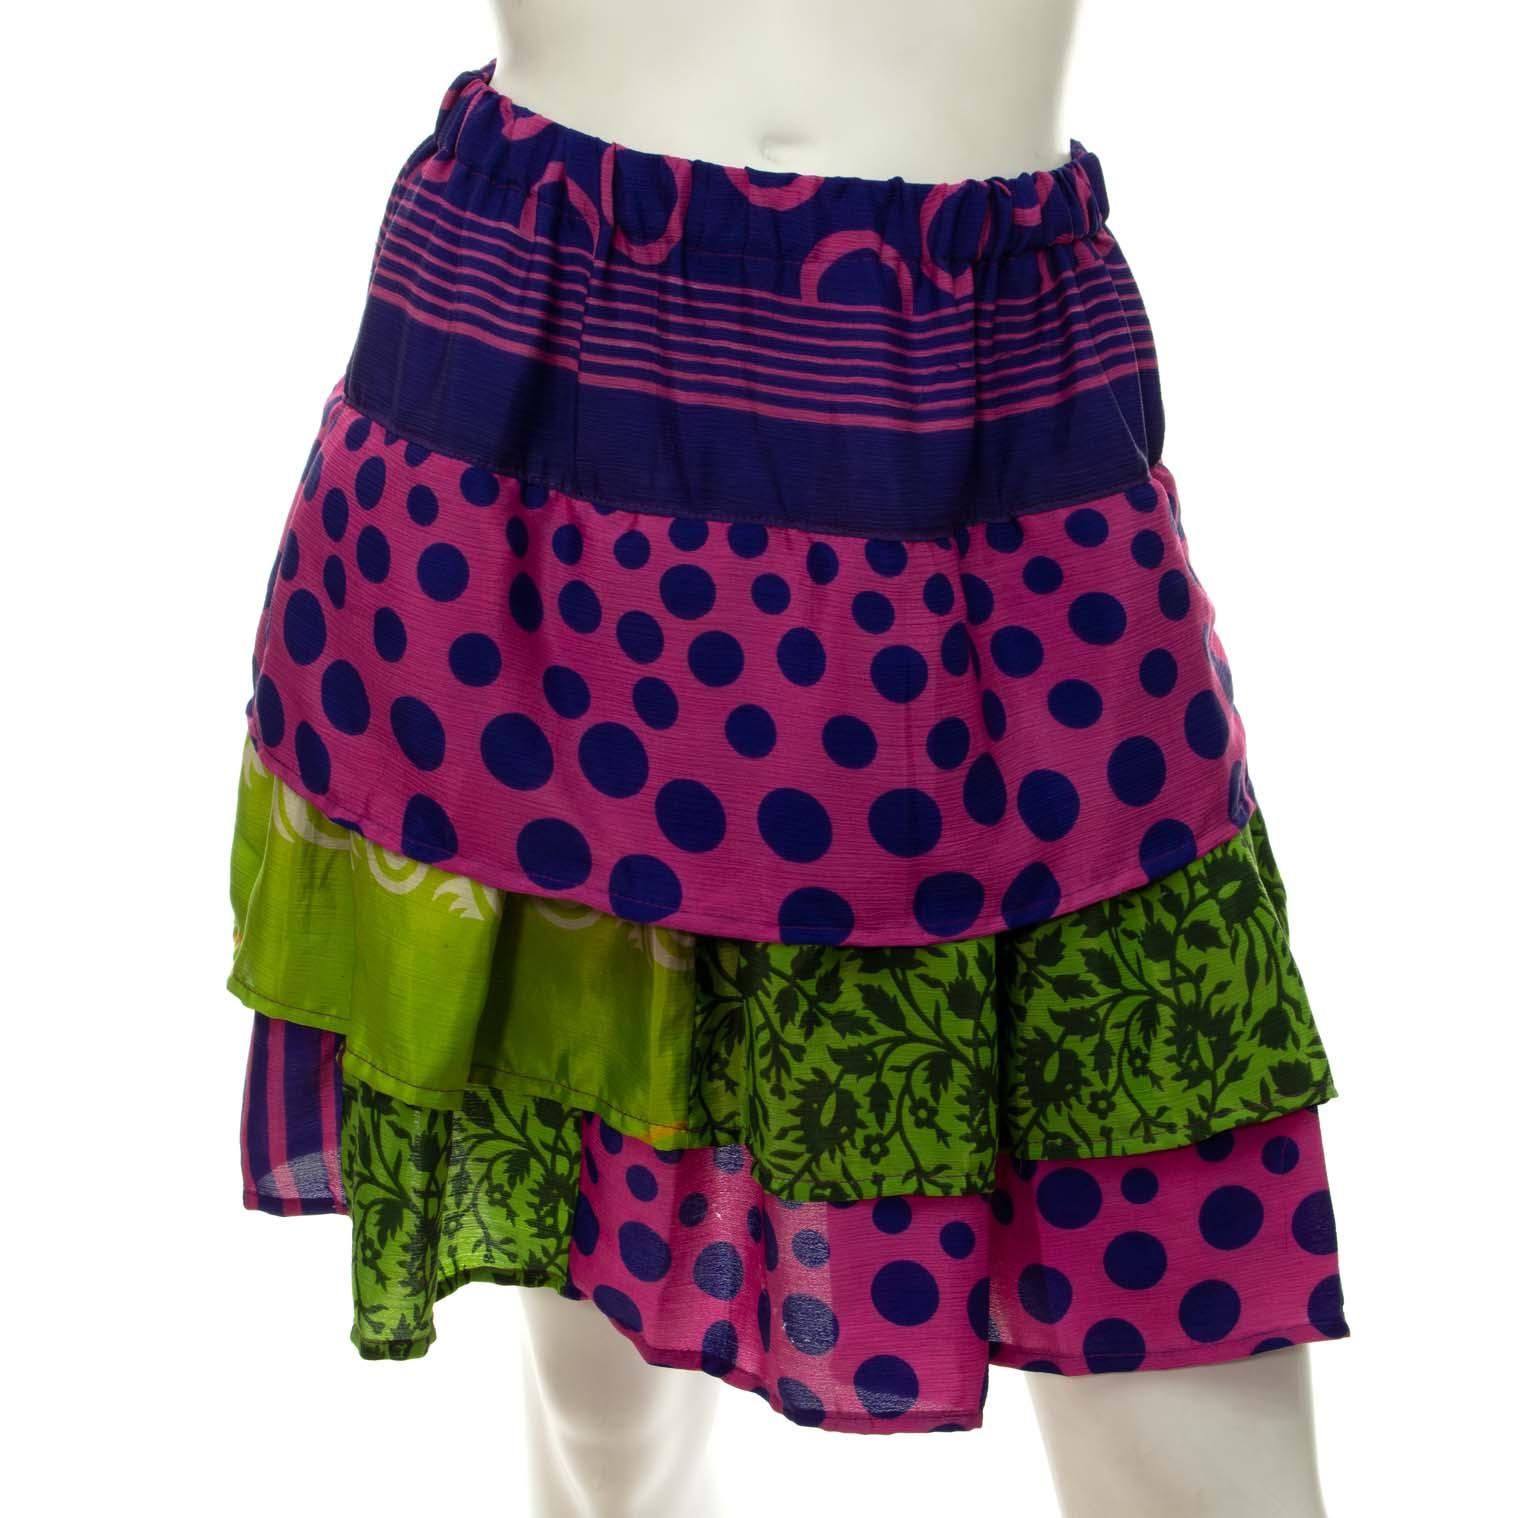 Sari Rara Skirt